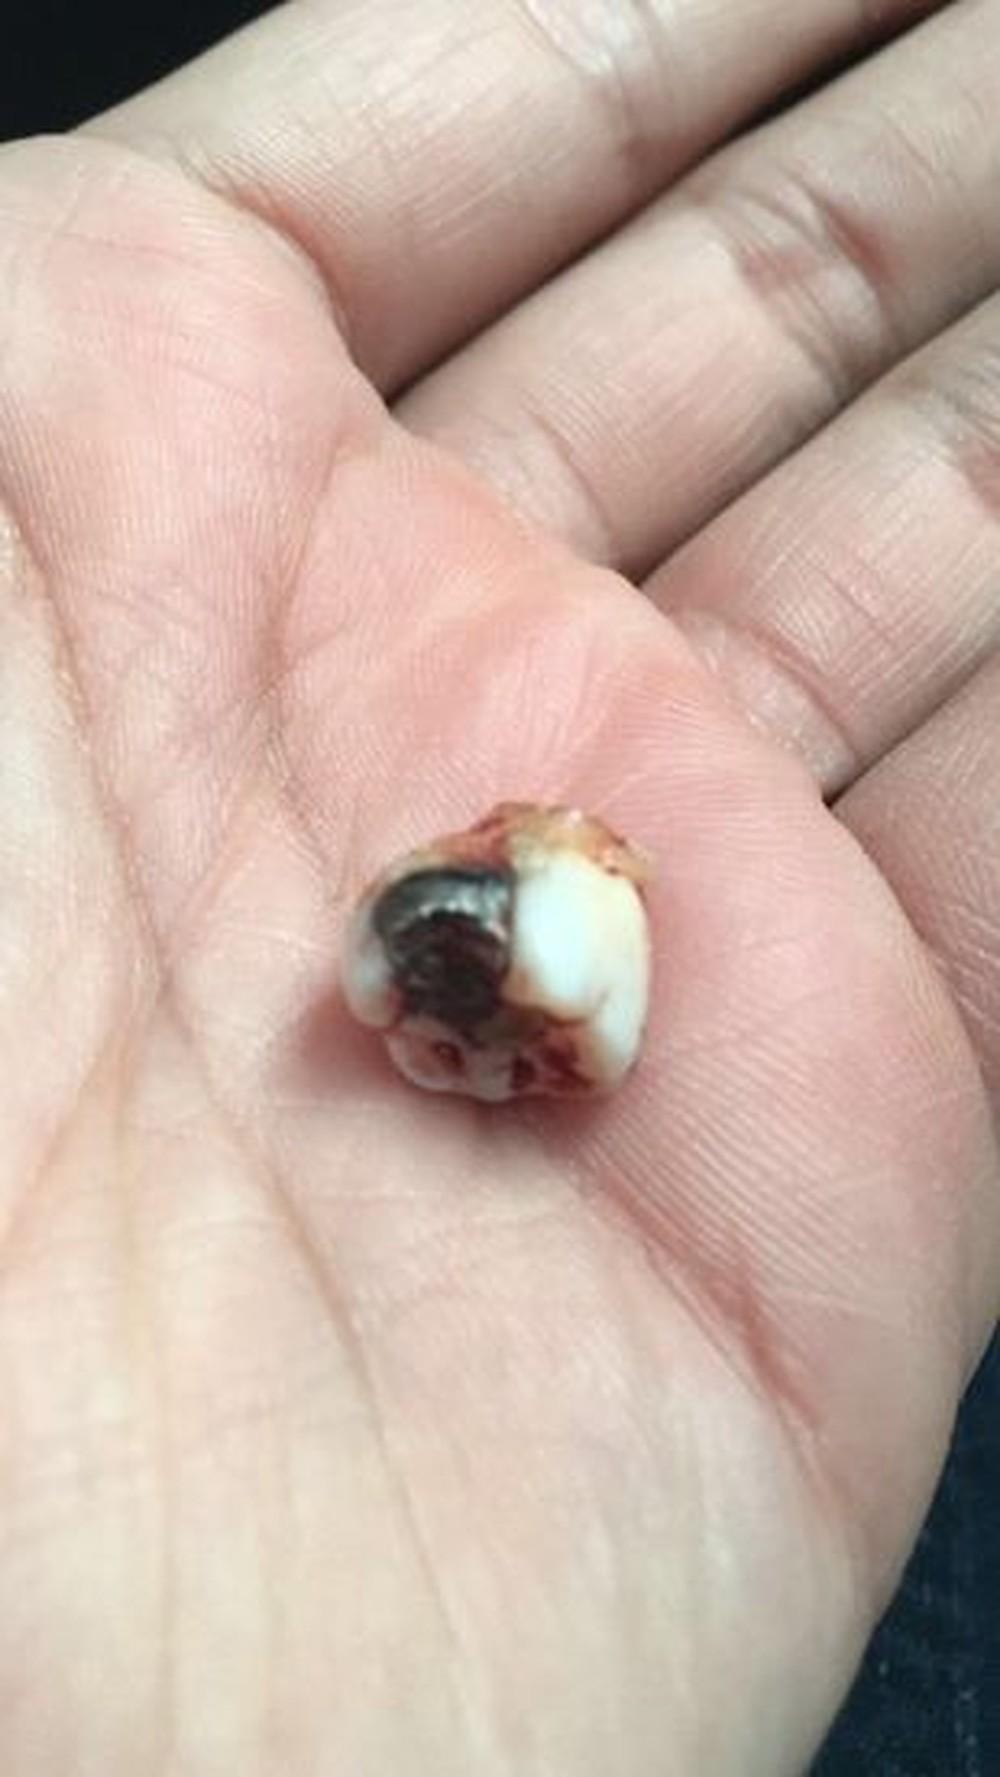 Dentista explica 'milagre' de dente que parou tiro e aponta o herói: 'Um siso' 1